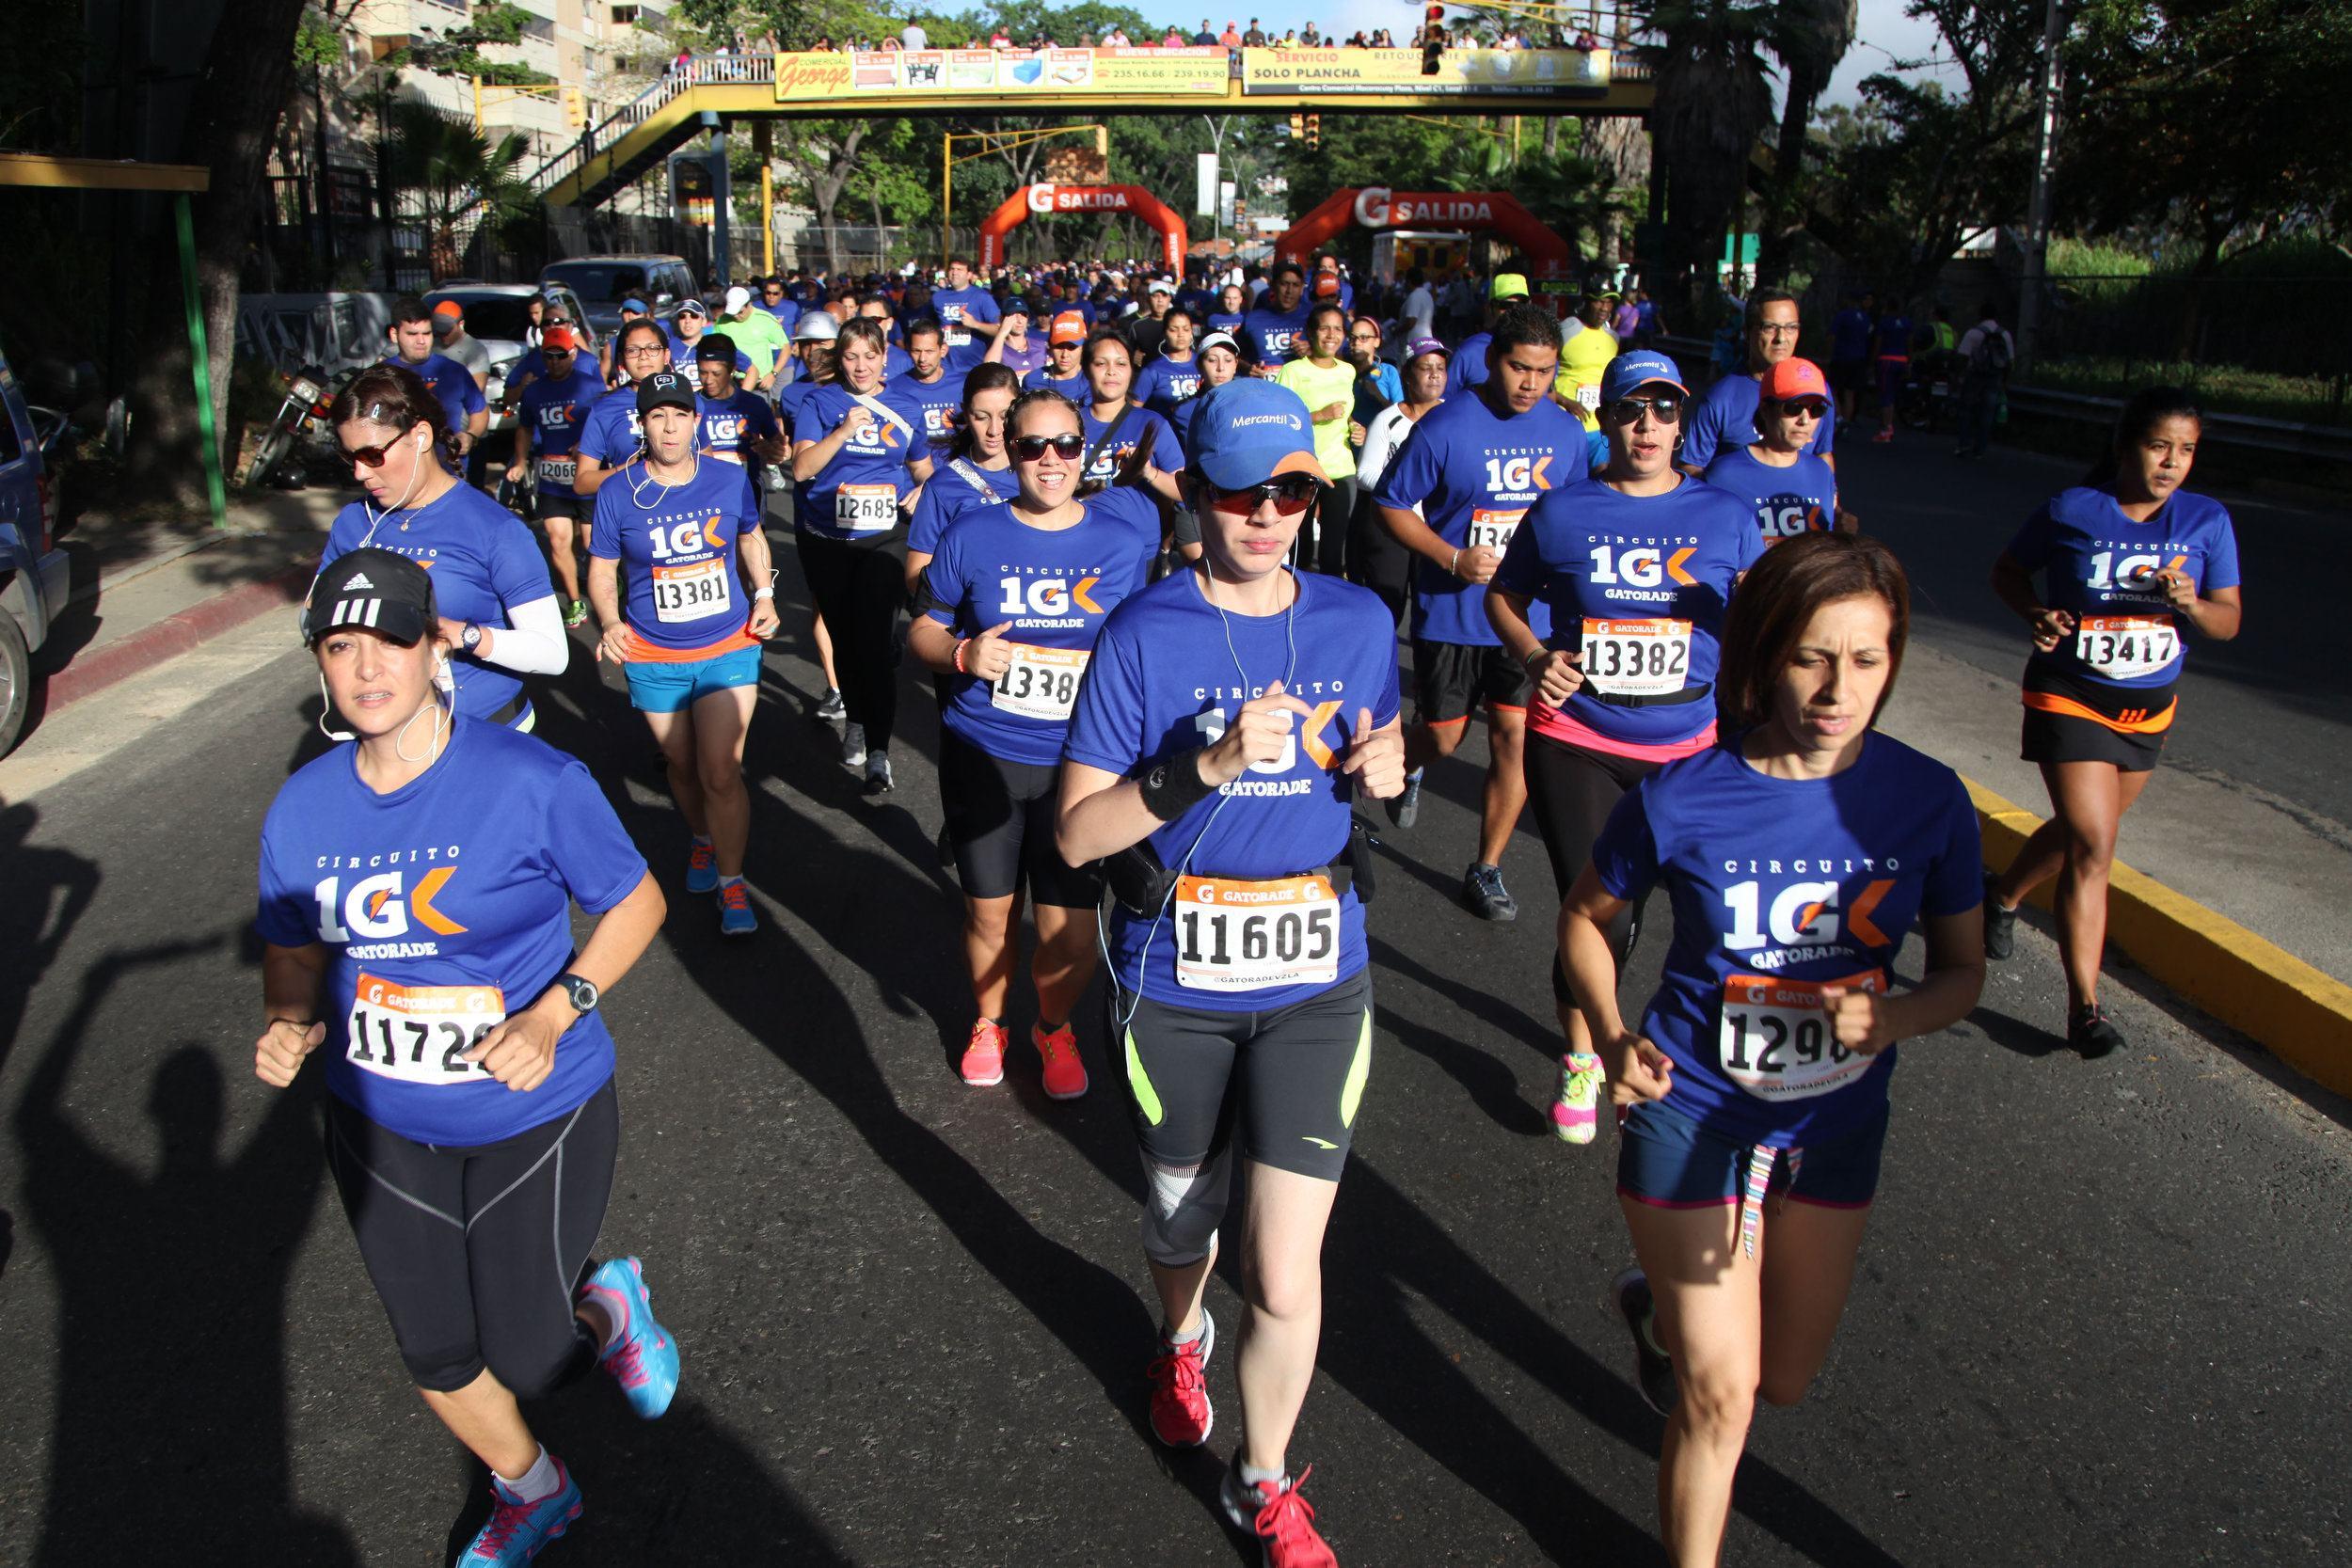 Circuito Gatorade 10K 2013